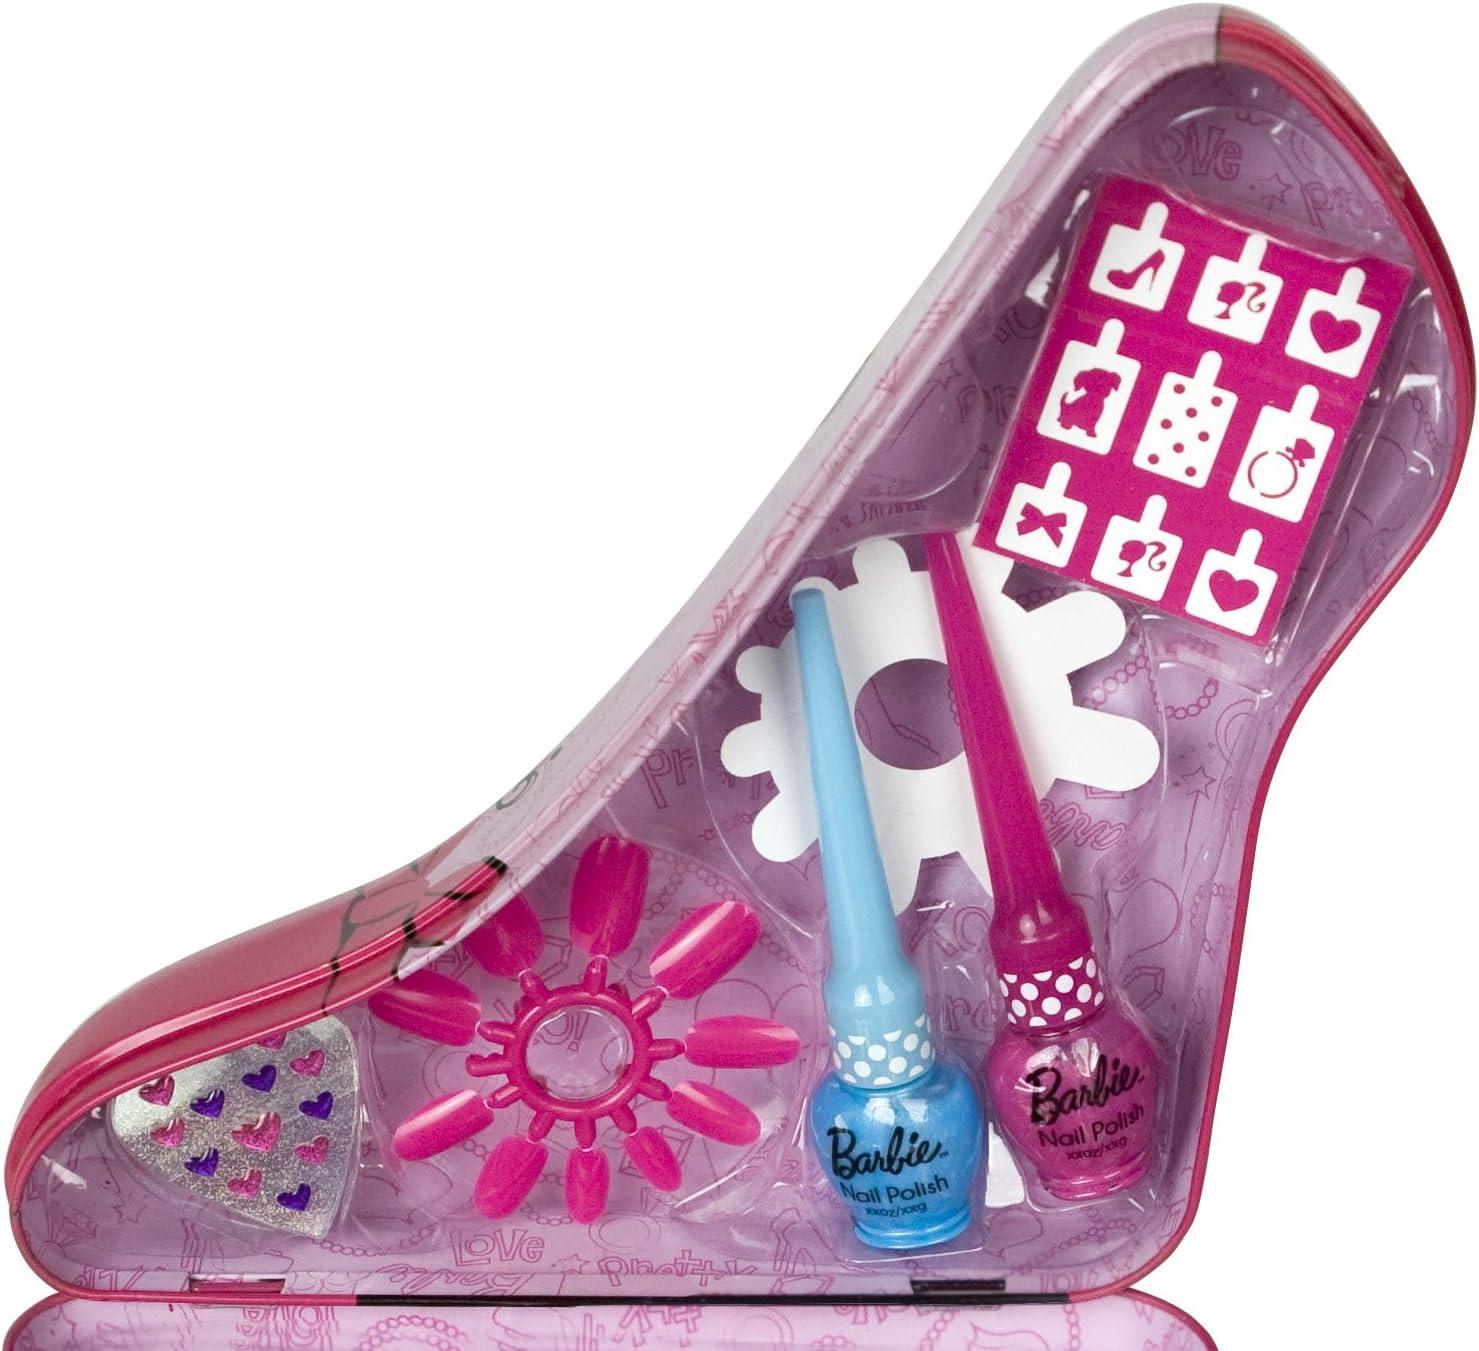 Barbie - Set de maquillaje (Markwins 9519110): Amazon.es: Juguetes y juegos